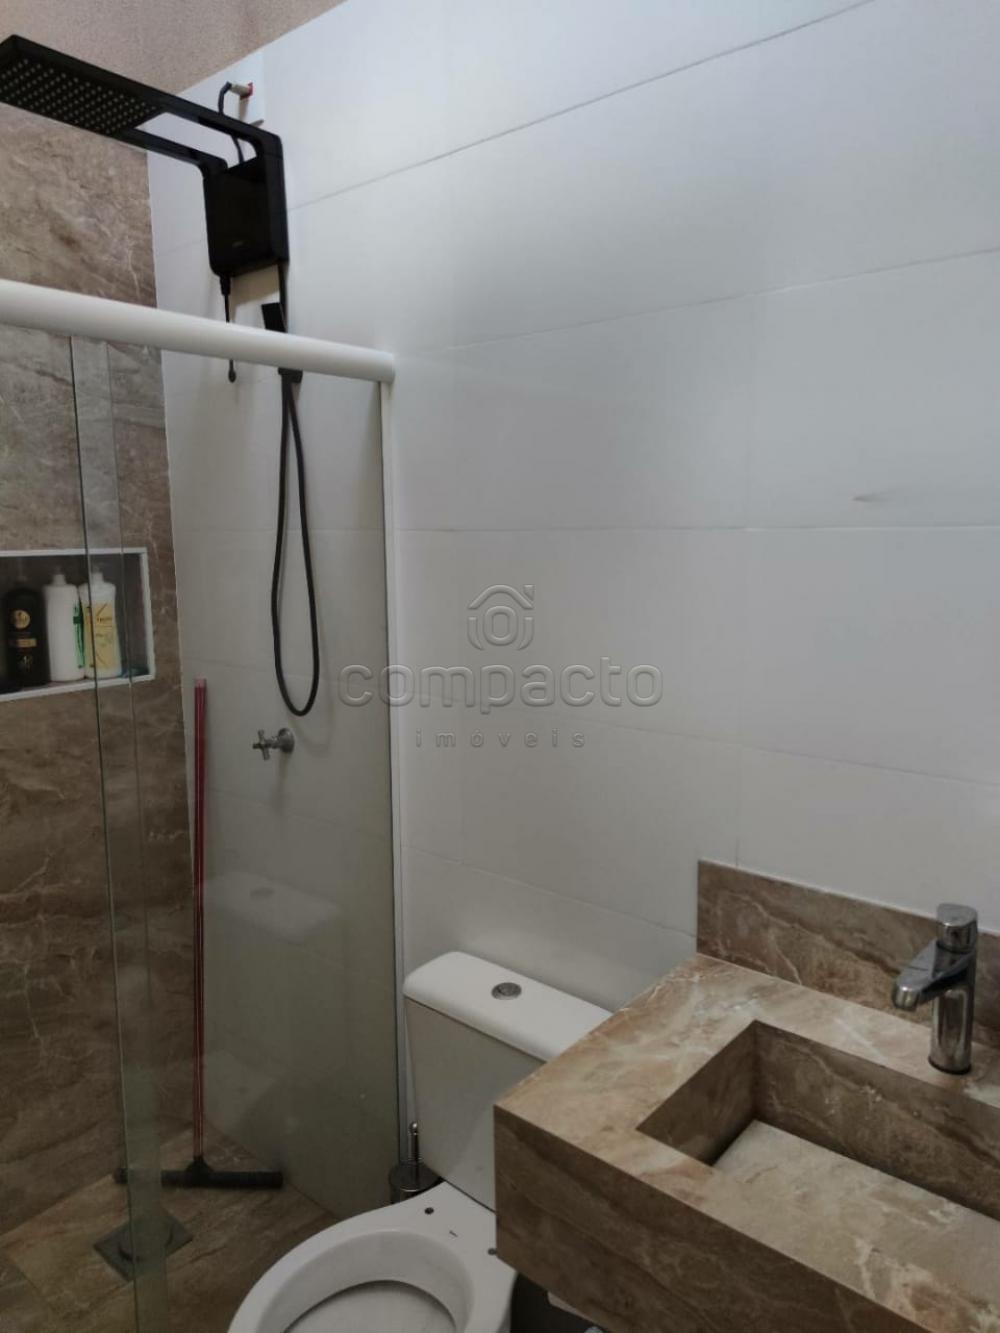 Comprar Casa / Padrão em Mirassol apenas R$ 350.000,00 - Foto 15